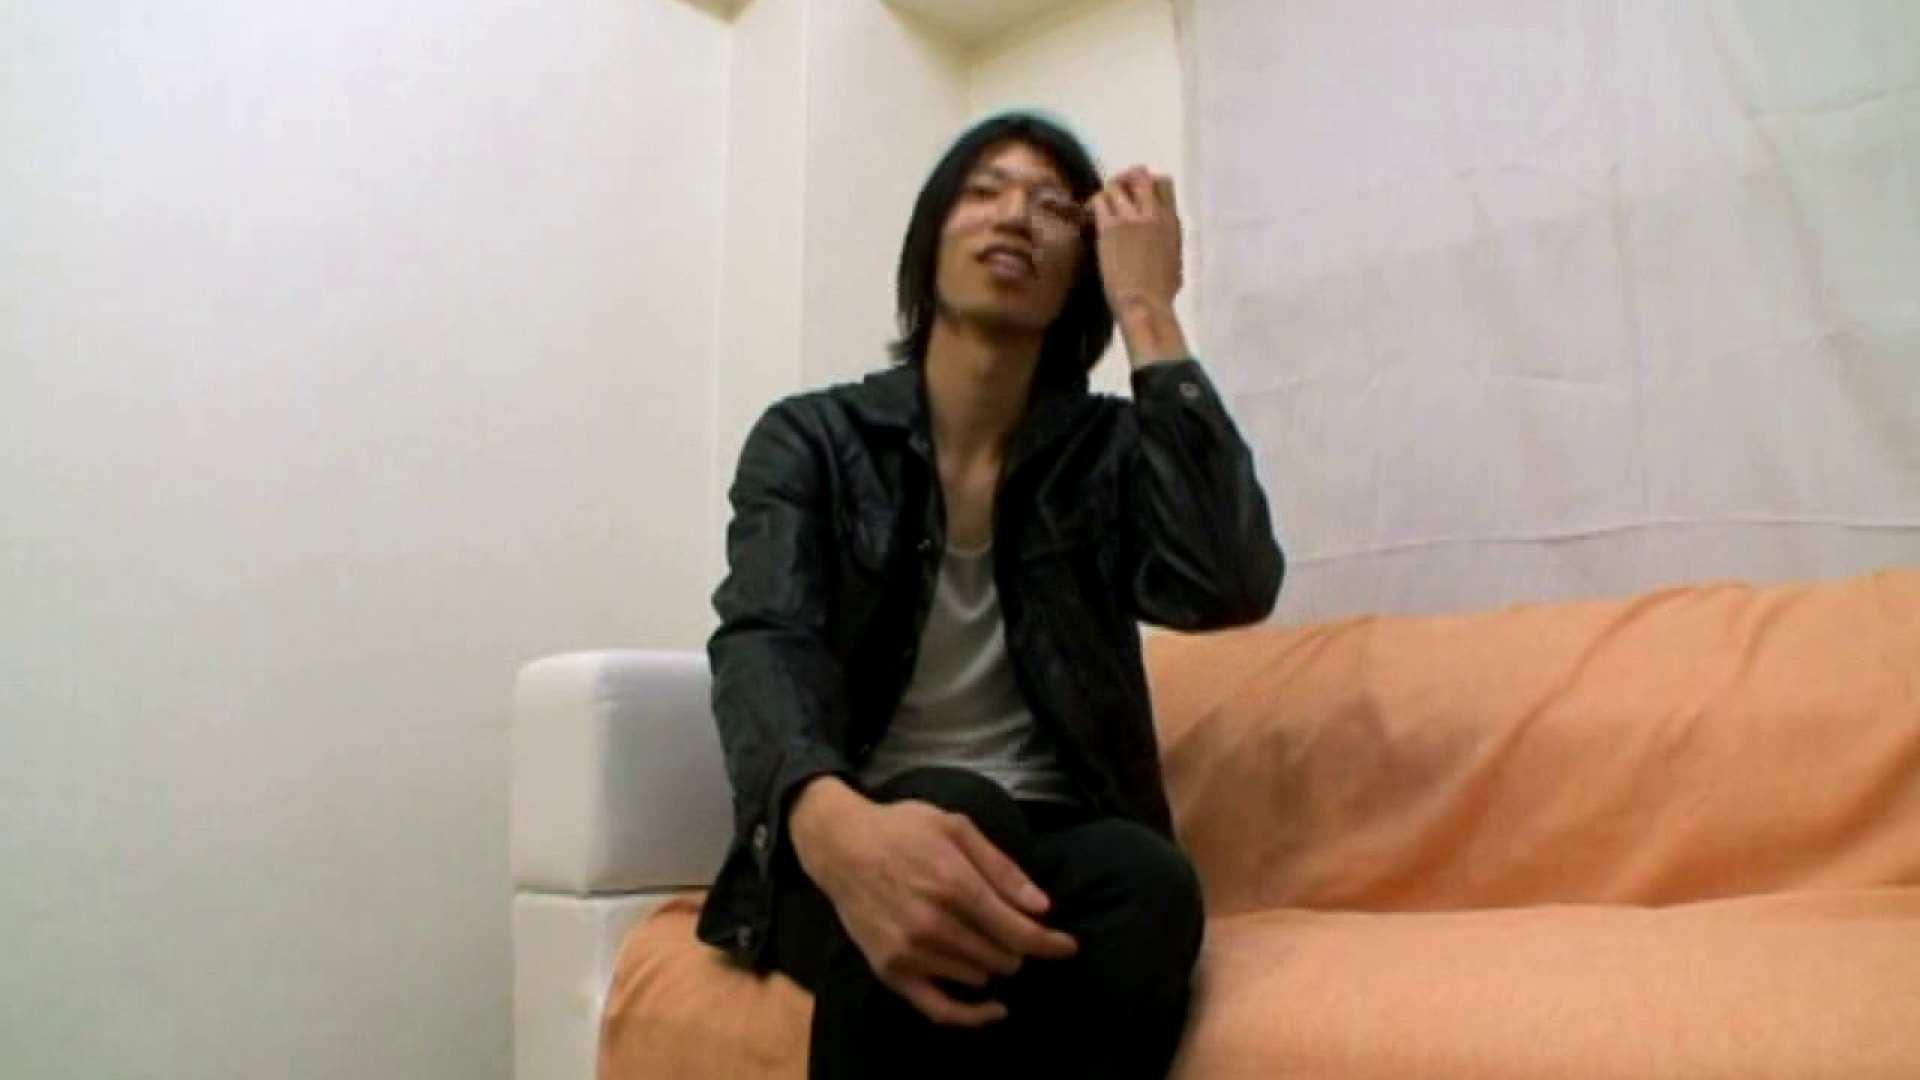 ノンケ!自慰スタジオ No.36 悪戯シーン | 流出新着 ゲイ無料エロ画像 10連発 2